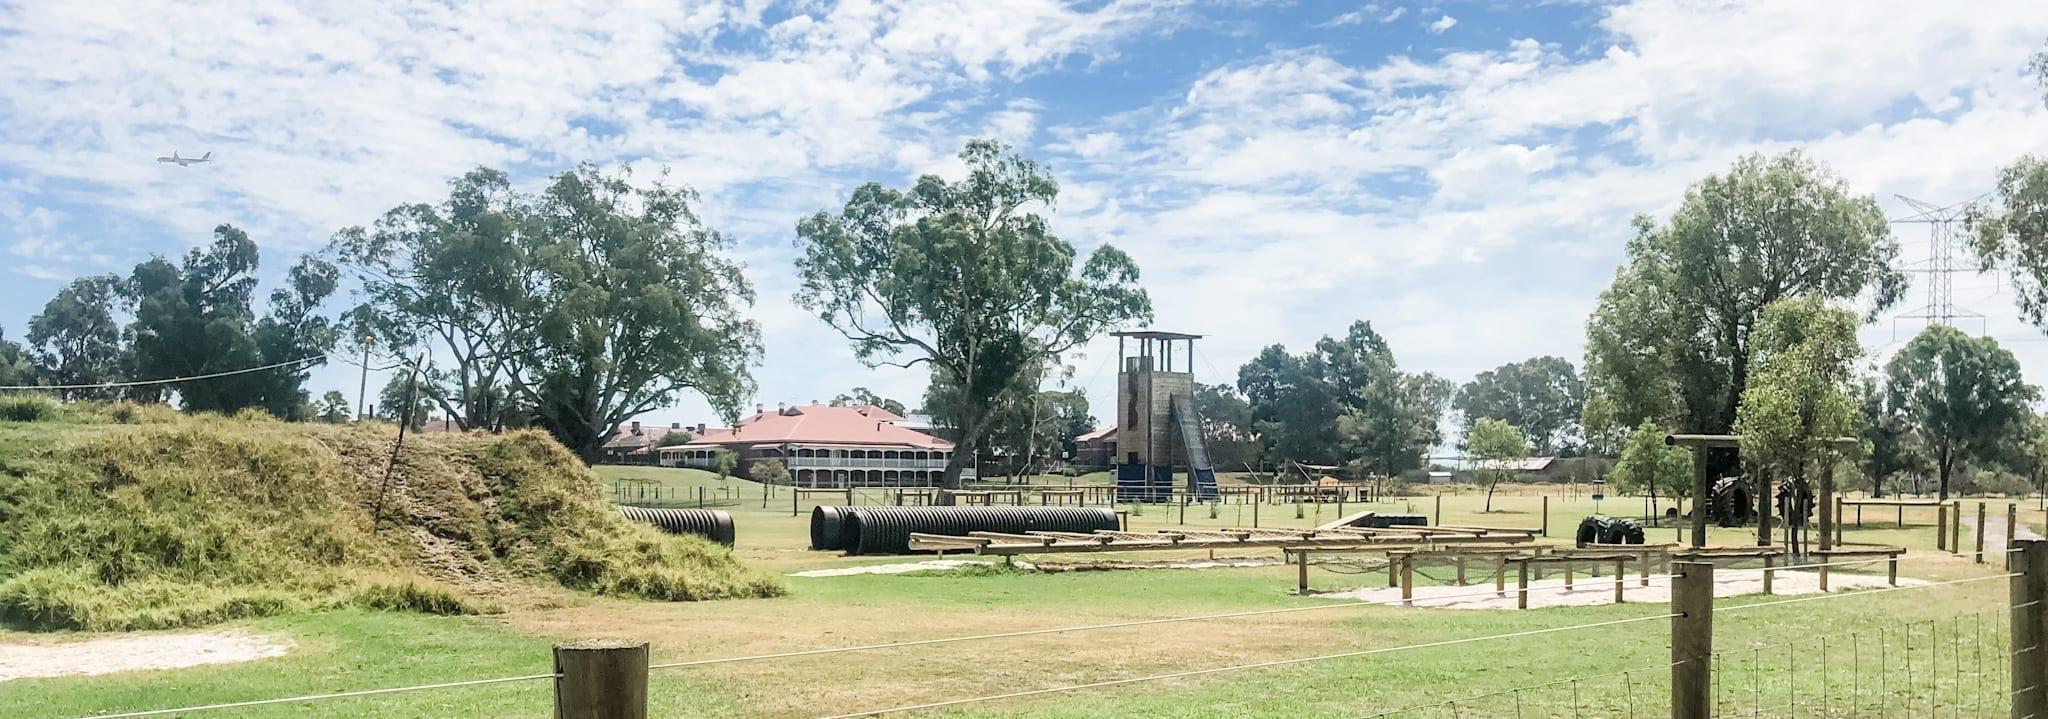 Swan valley Adventure Centre Commando Course